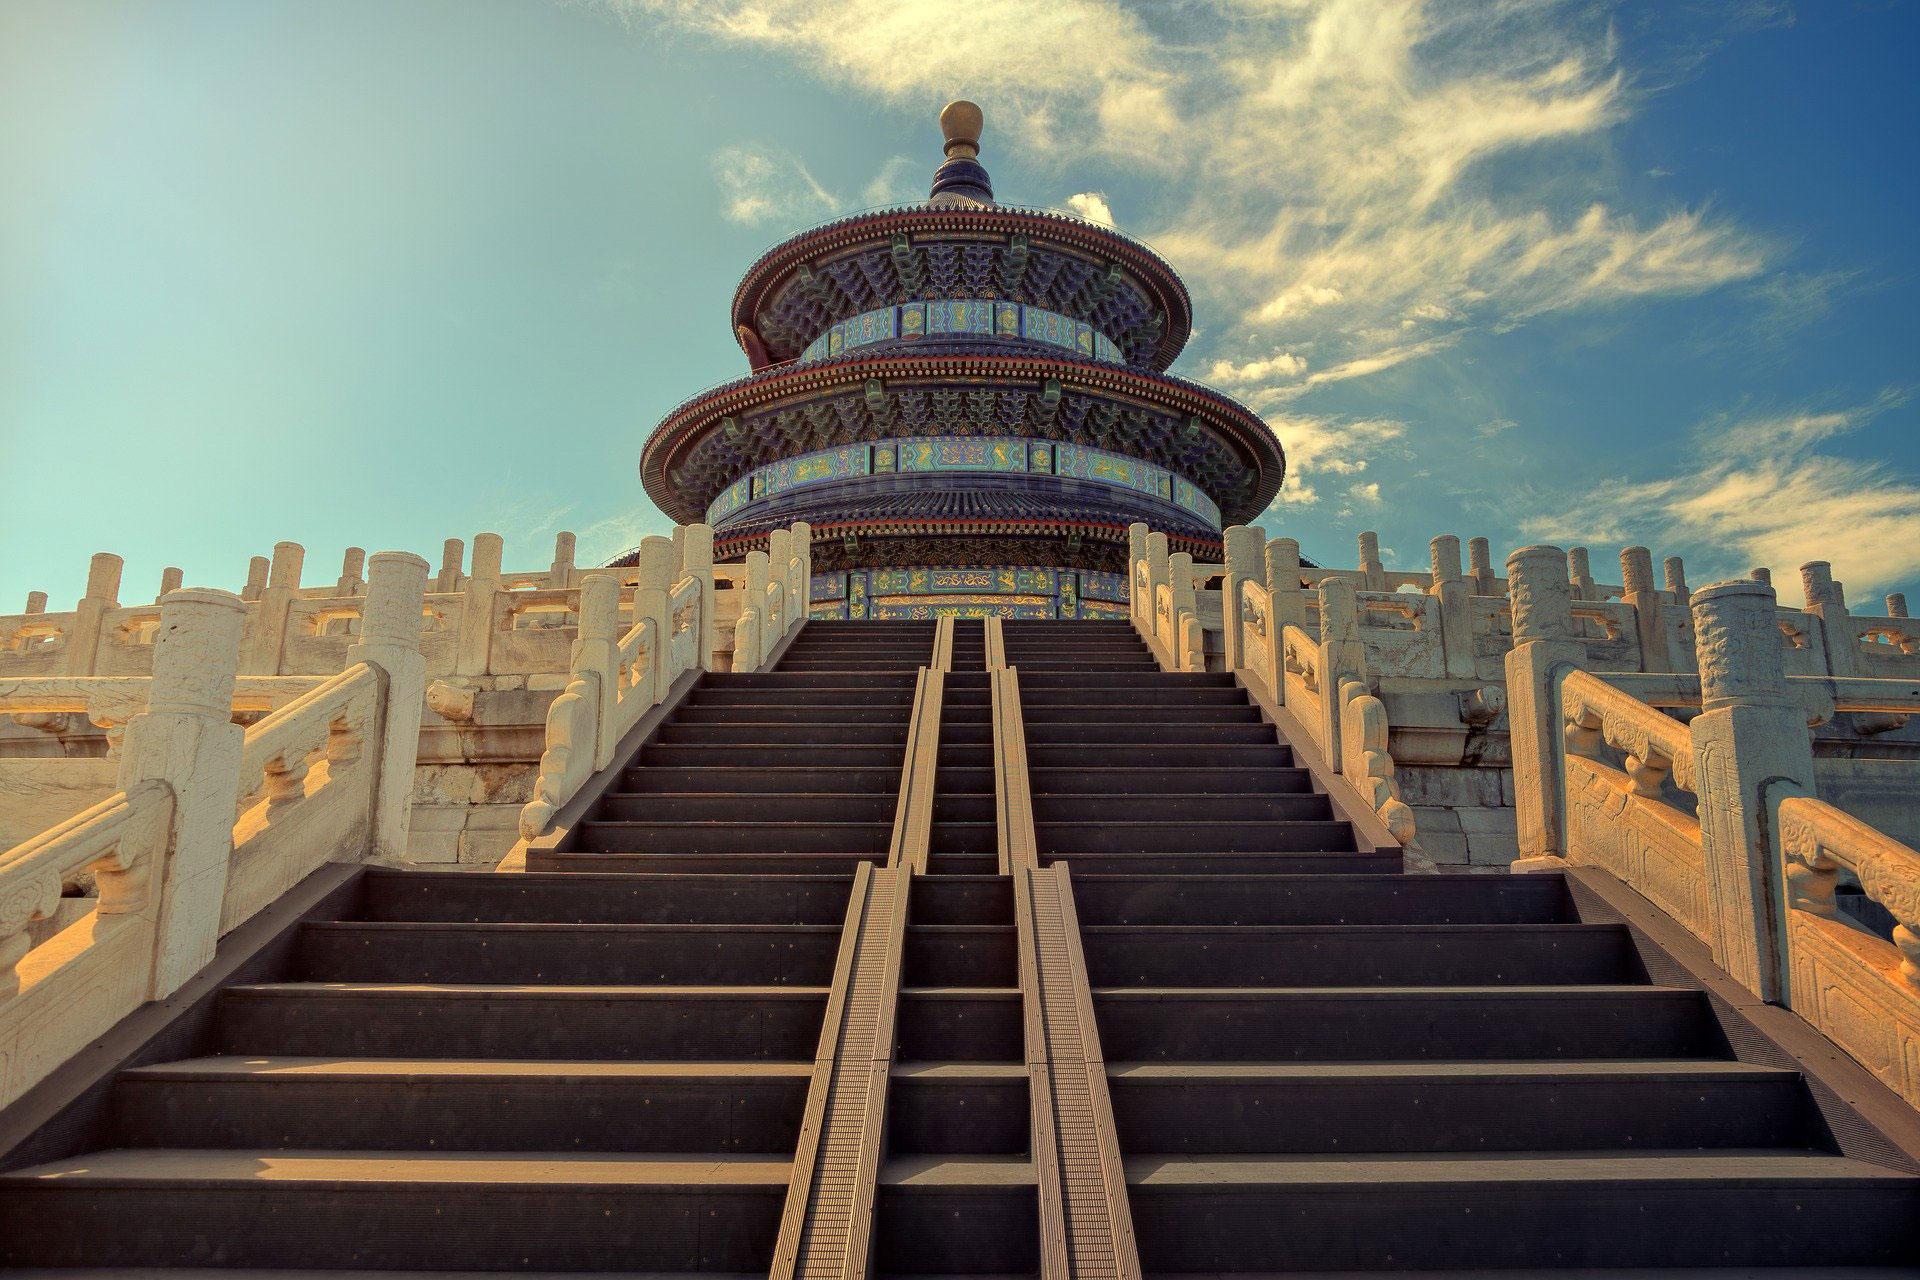 Beijing Pechino Tempio Tian Tan